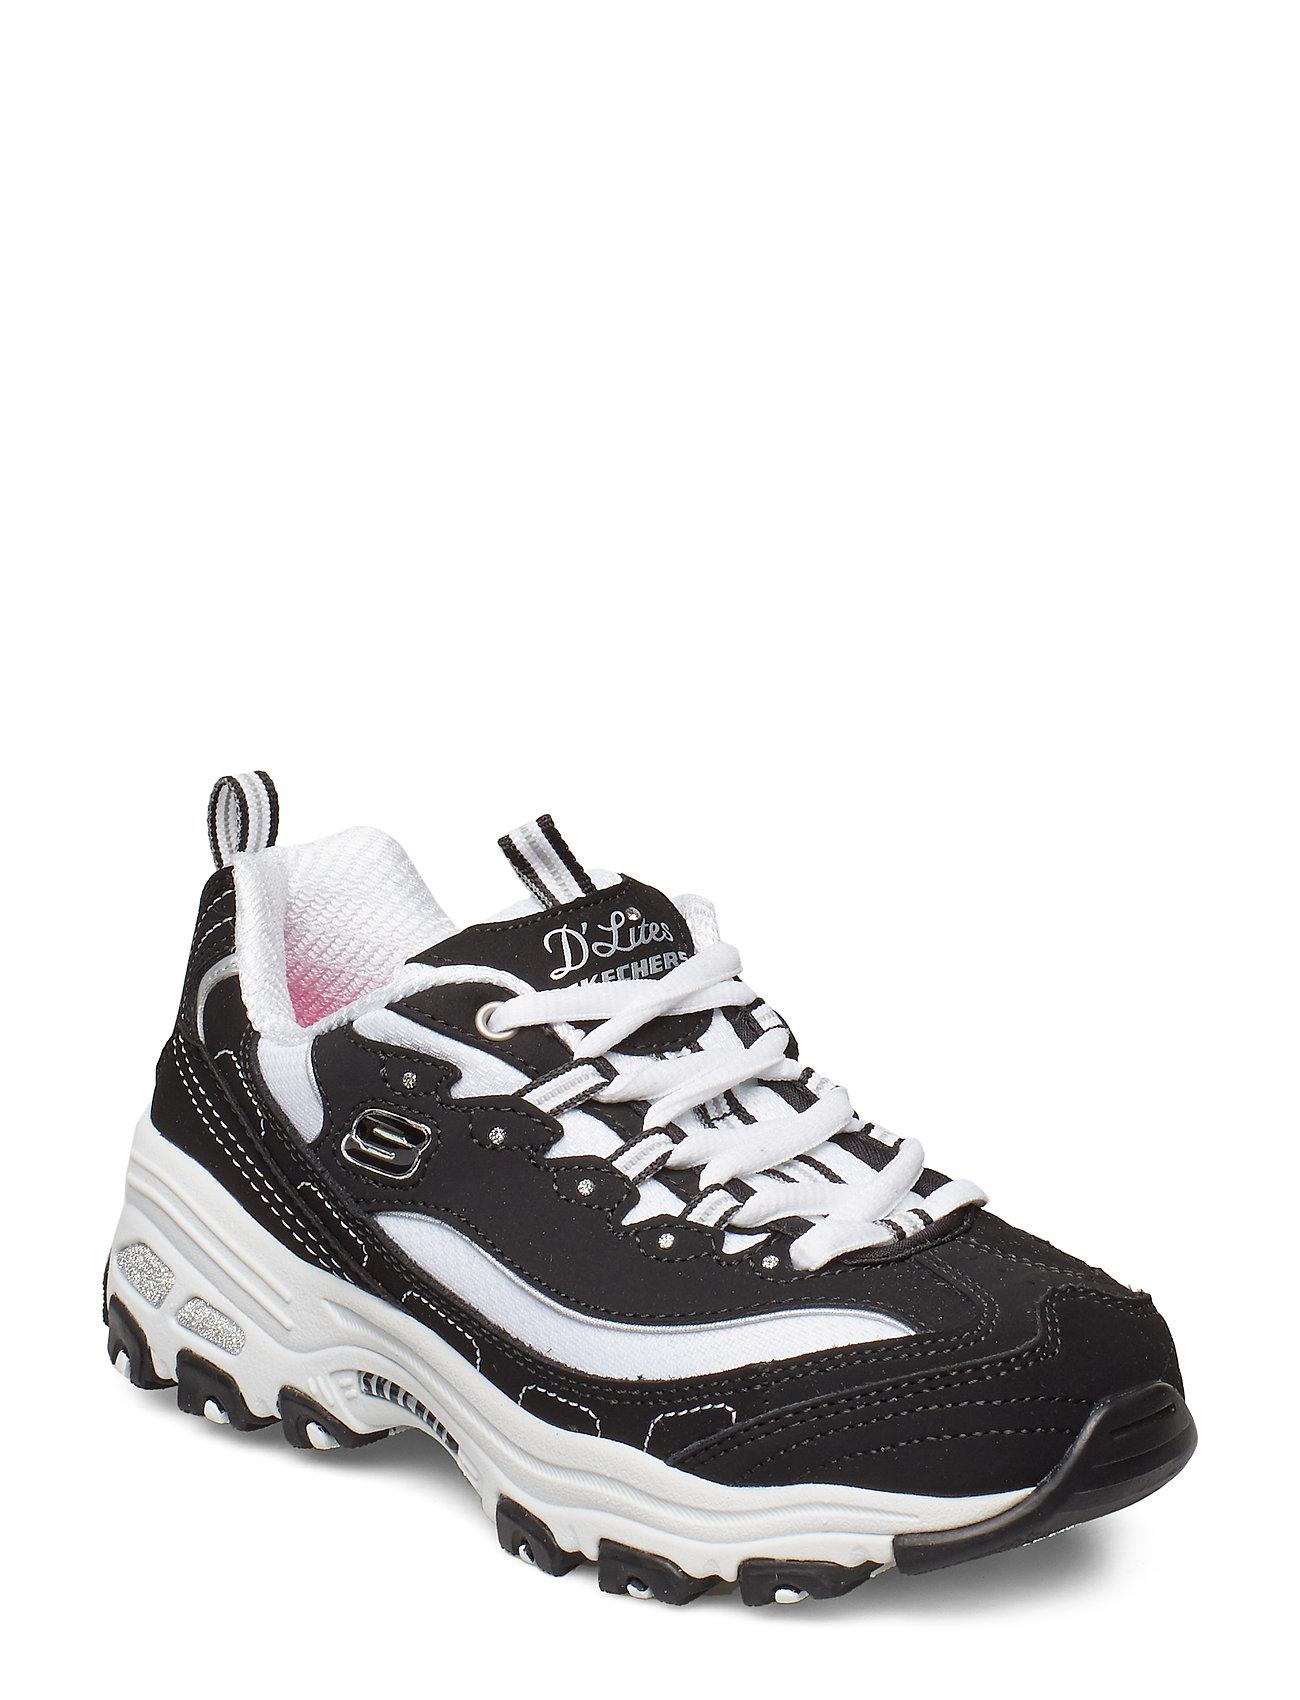 Skechers Girls D'Lites - BLACK WHITE